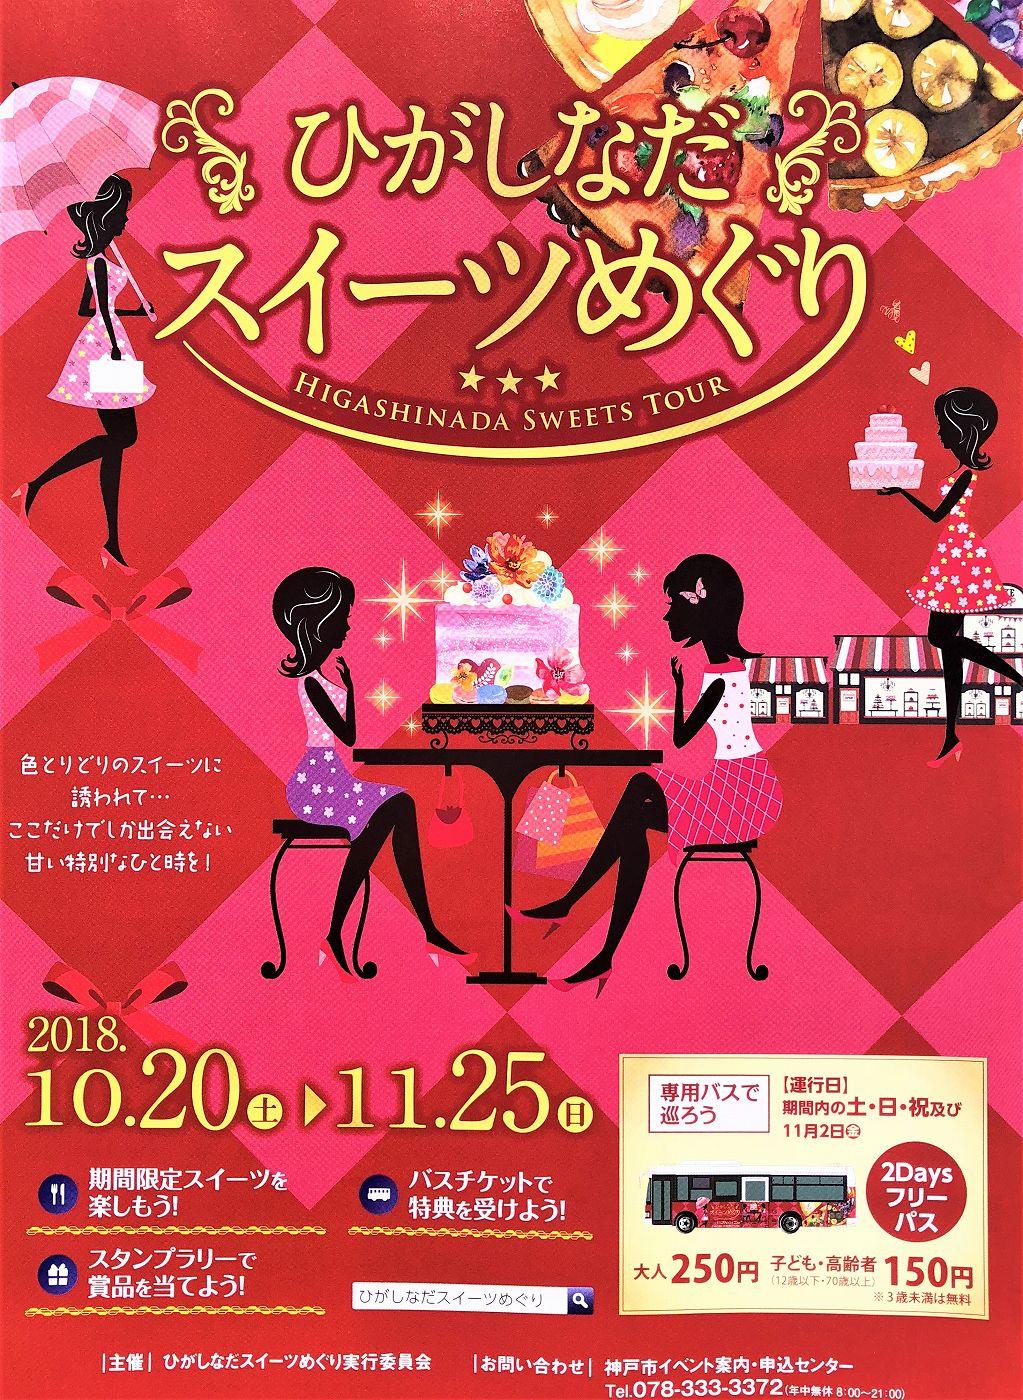 【※写真追加】「ひがしなだスイーツめぐり 2018」が10月20日(土)~11月25日(日)まで開催されるよ! #ひがしなだスイーツめぐり #東灘区 #神戸スイーツ